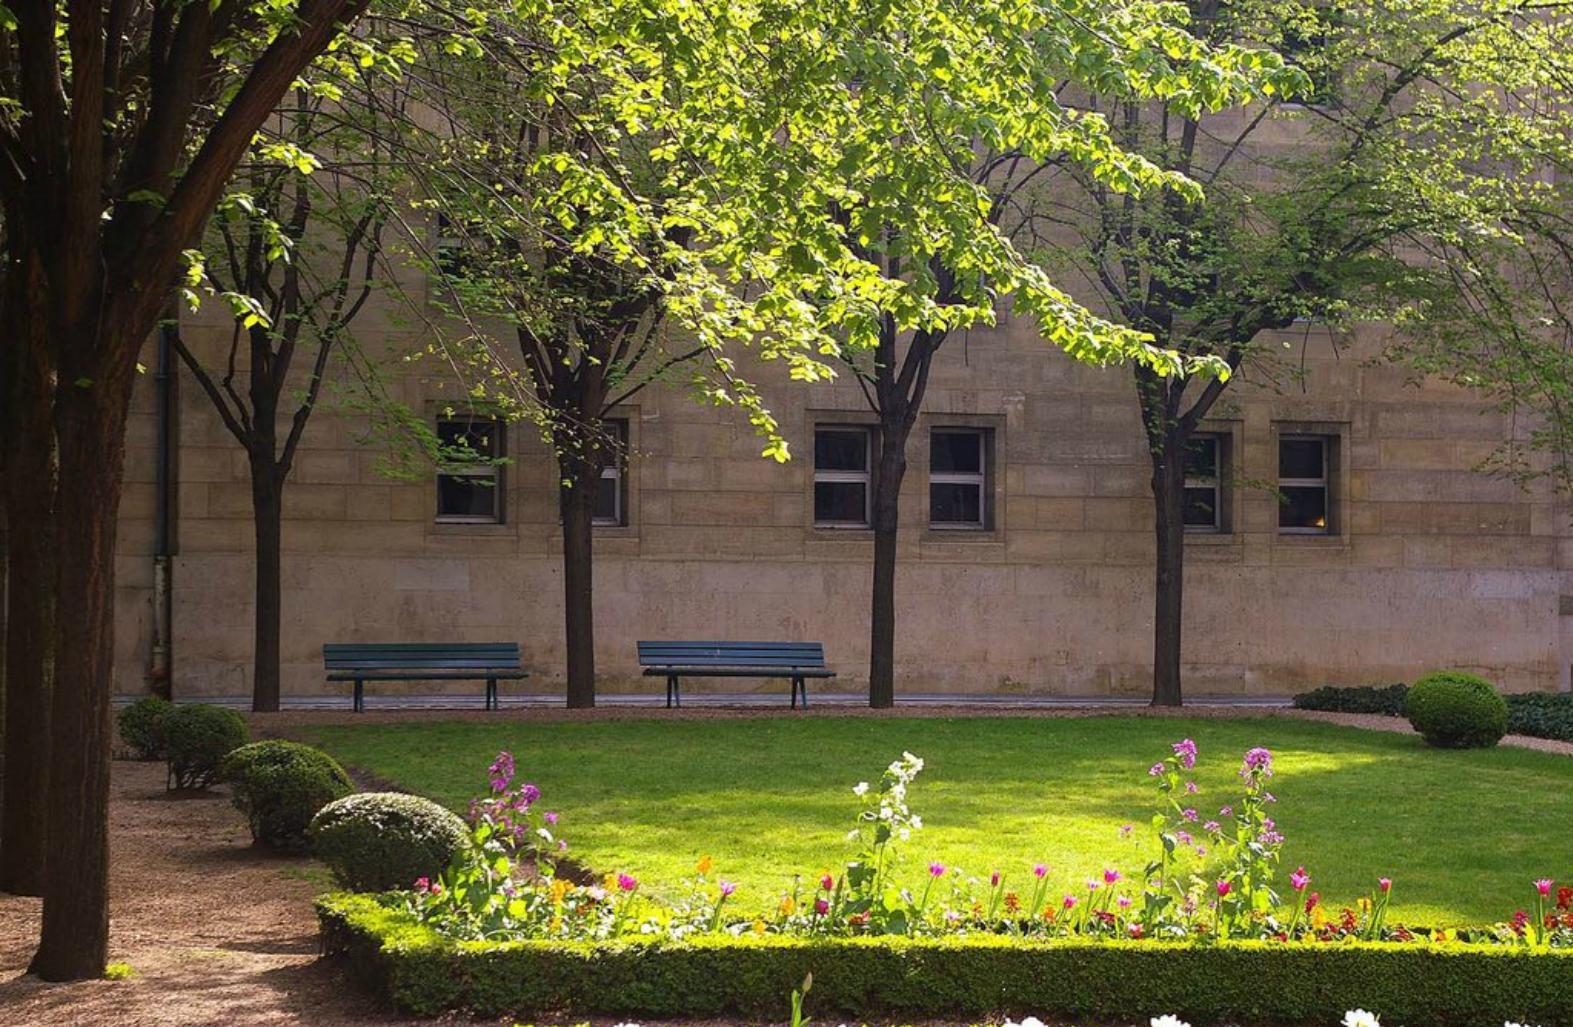 Vivre le marais la verdure dans le marais for Le jardin moghol 53 rue vieille du temple